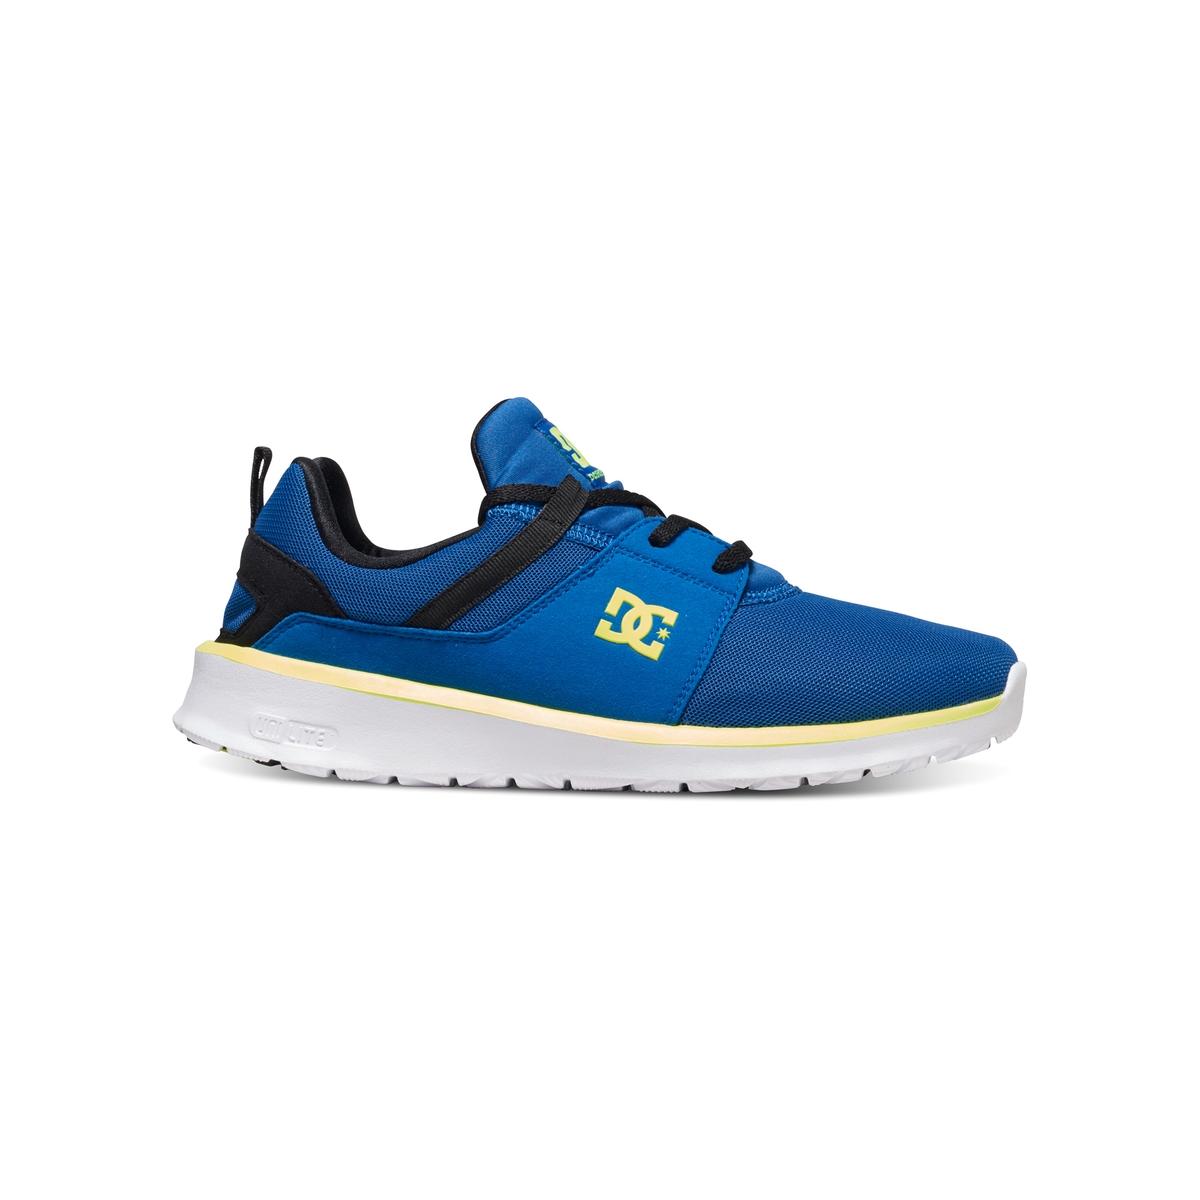 Кеды низкие DC SHOES HEATHROW M SHOE XBKYКеды низкие на шнуровке, HEATHROW M SHOE XBKY от DC SHOES.Верх: текстиль Подкладка: текстильСтелька: текстиль Подошва : каучук Застежка : шнуровка Марка DC Shoes, появившаяся в 1994 году, позиционирует себя, как королева скольжения и создает стильные и технологичные коллекции для скейтборда, серфинга, сноуборда и даже для велосипедного мотокросса, мотоспорта и экстремальных видов спорта. В своих коллекциях она предлагает модную городскую обувь, невероятно легкую и как всегда с калифорнийским колоритом! Подтверждение тому - отличные кеды HEATHROW, удобные и прочные, усовершенствованные и стильные !<br><br>Цвет: синий<br>Размер: 40